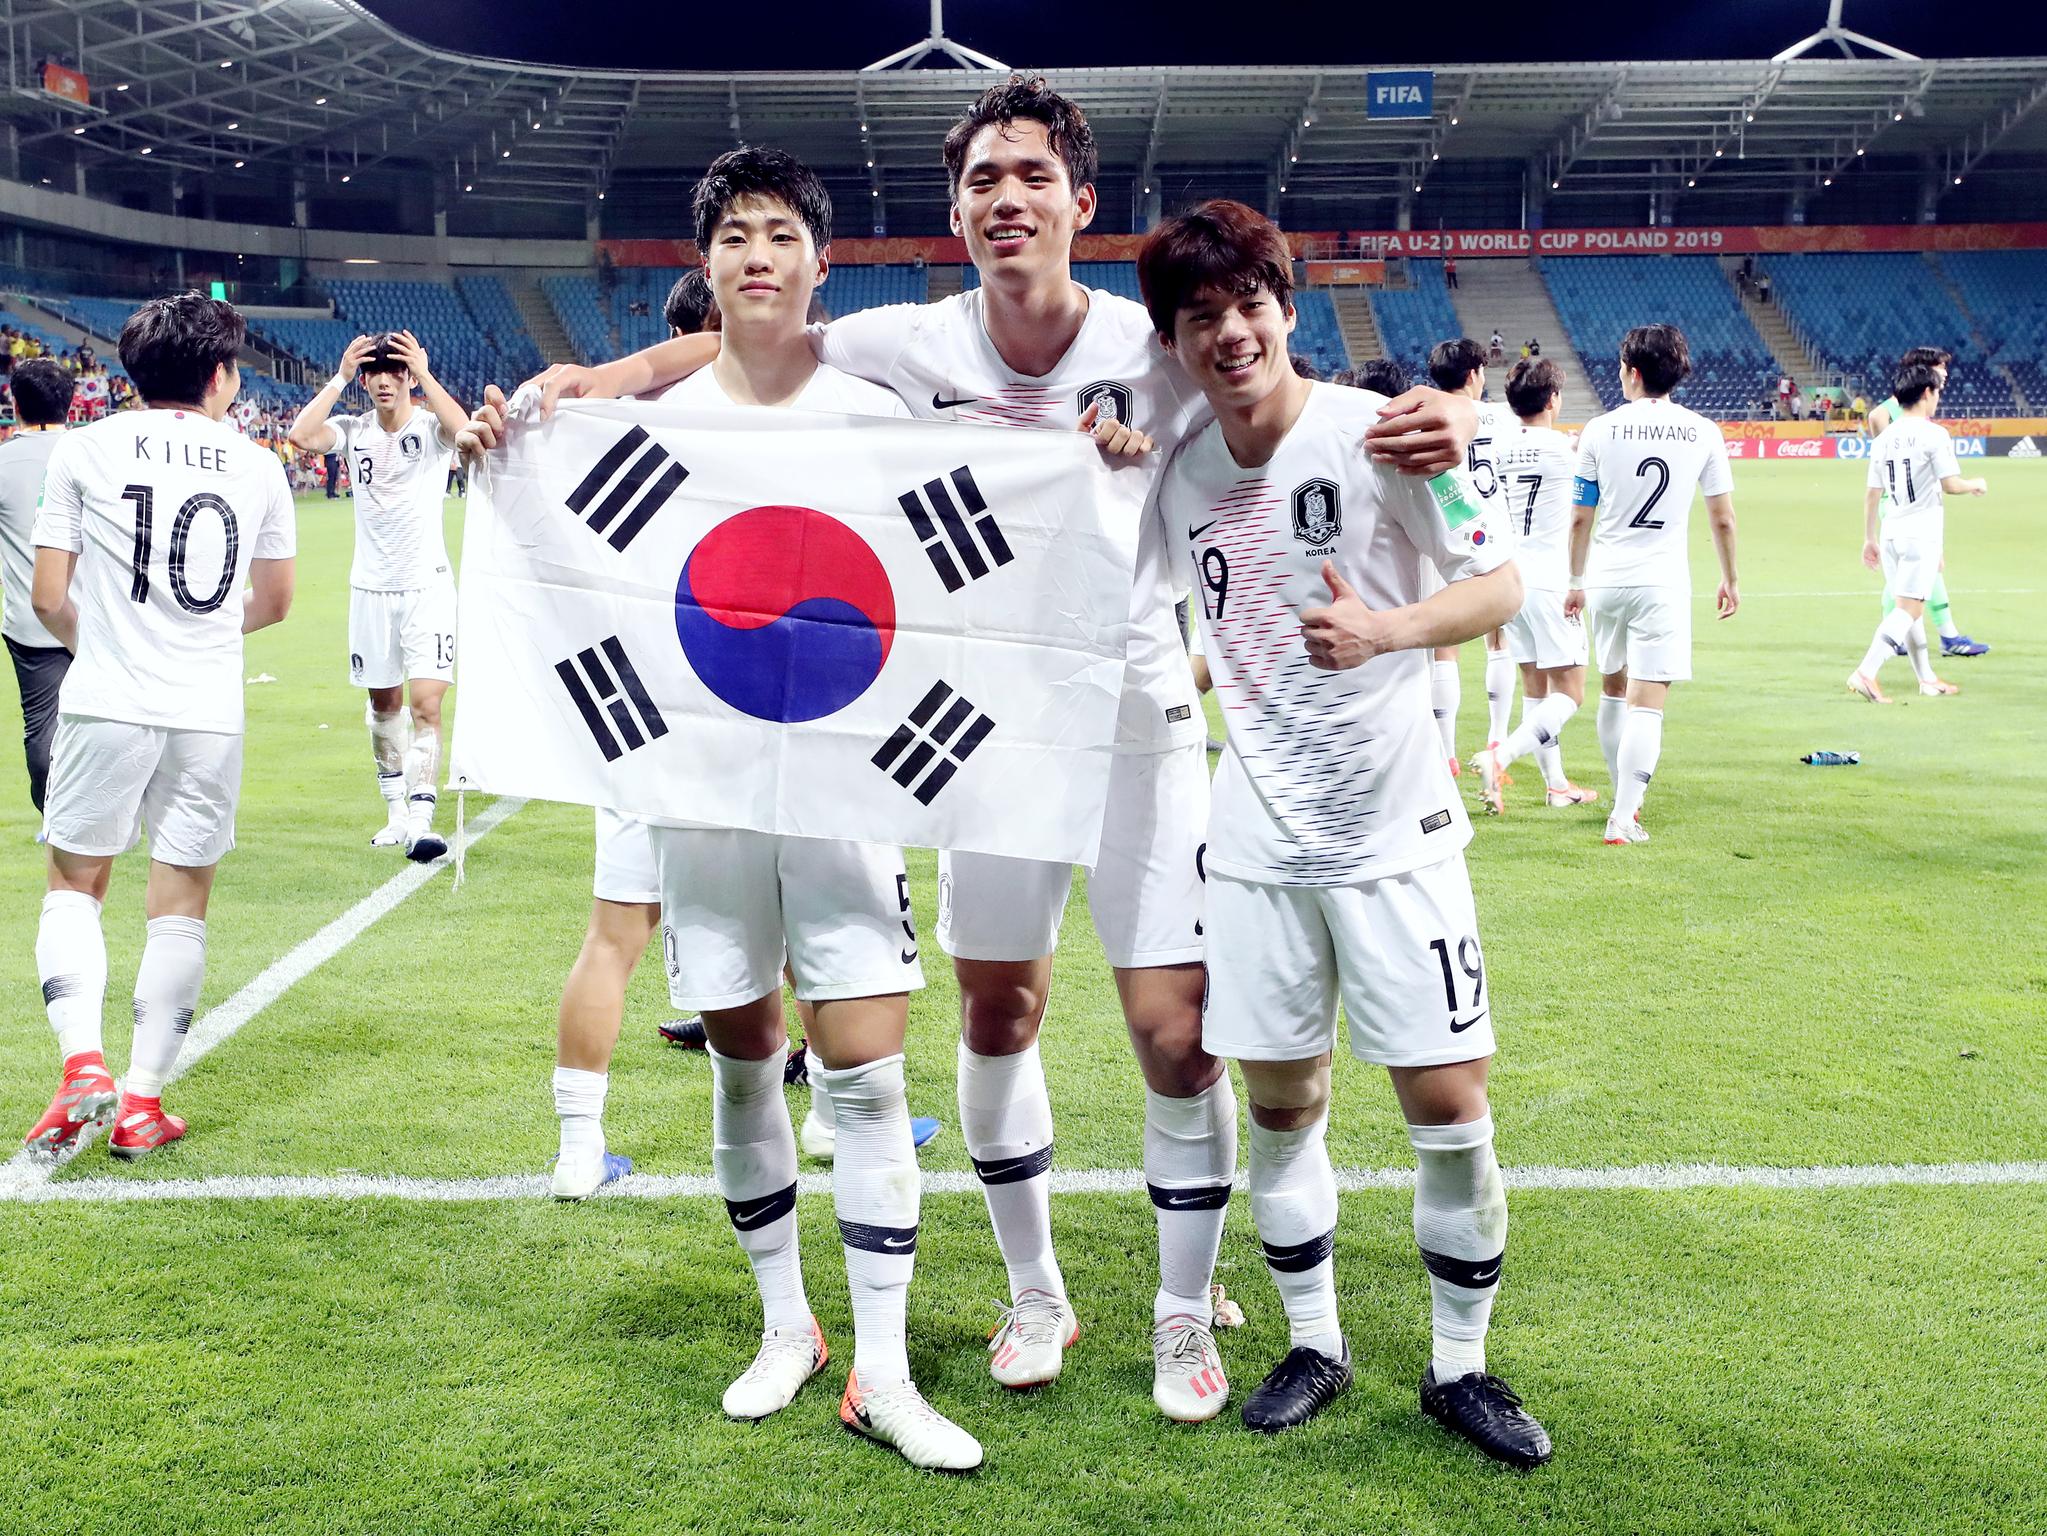 12일 에콰도르를 꺾고 U-20월드컵 사상 첫 결승에 진출한 김현우(왼쪽부터), 오세훈, 최준이 태극기를 들고 기쁨을 나누고 있다. [뉴스1]